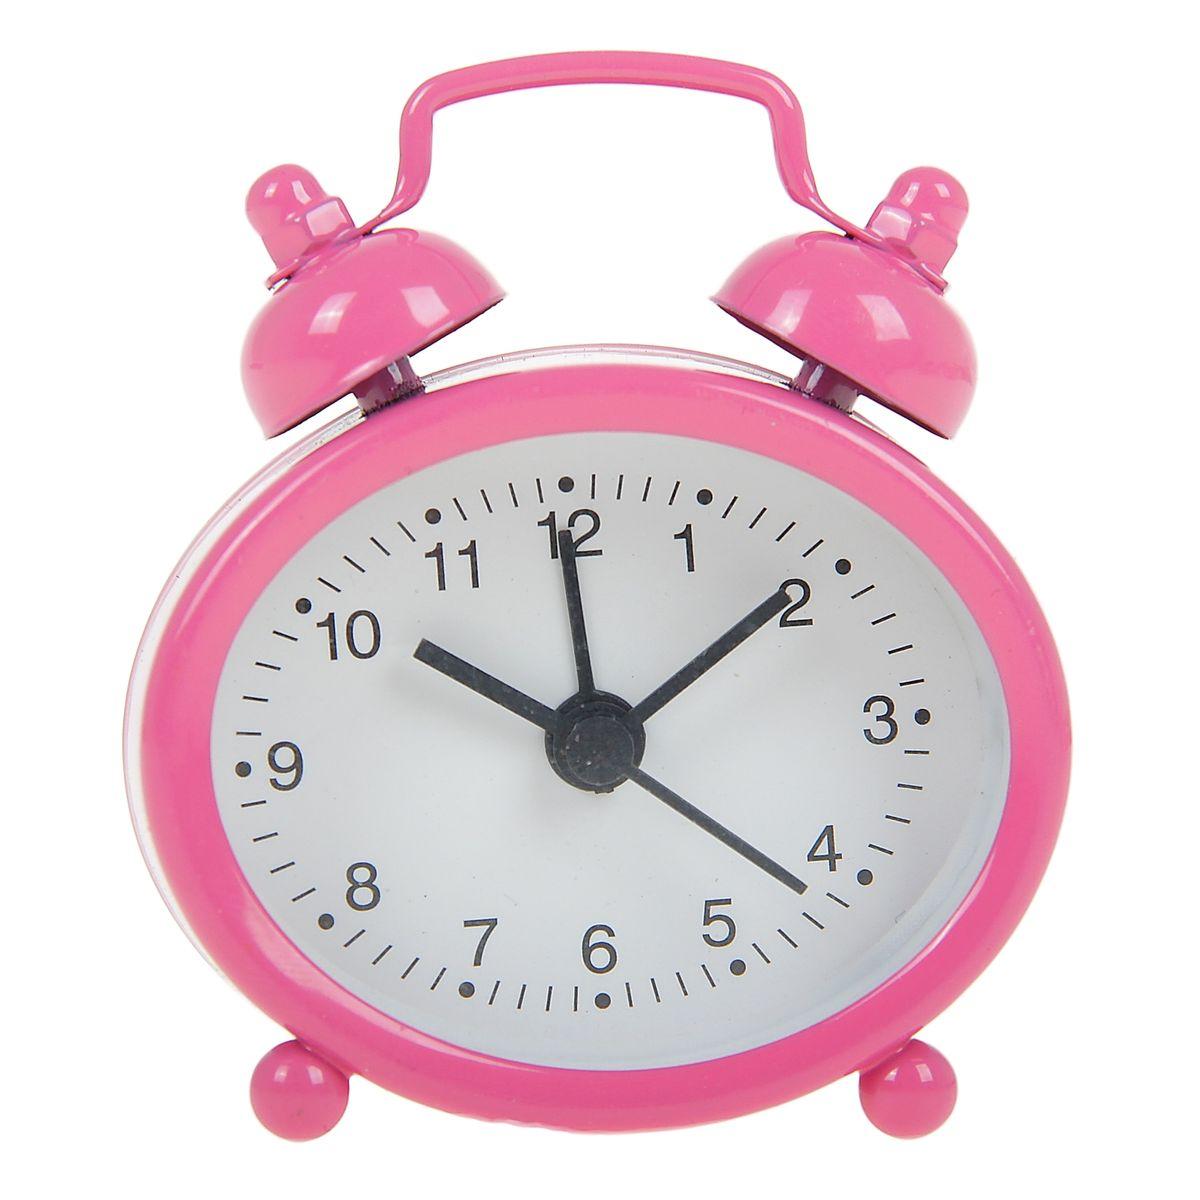 Часы-будильник Sima-land, цвет: розовый. 840946840946Как же сложно иногда вставать вовремя! Всегда так хочется поспать еще хотя бы 5 минут и бывает, что мы просыпаем. Теперь этого не случится! Яркий, оригинальный будильник Sima-land поможет вам всегда вставать в нужное время и успевать везде и всюду. Будильник украсит вашу комнату и приведет в восхищение друзей. Эта уменьшенная версия привычного будильника умещается на ладони и работает так же громко, как и привычные аналоги. Время показывает точно и будит в установленный час. На задней панели будильника расположены переключатель включения/выключения механизма, а также два колесика для настройки текущего времени и времени звонка будильника. Будильник работает от 1 батарейки типа LR44 (входит в комплект).